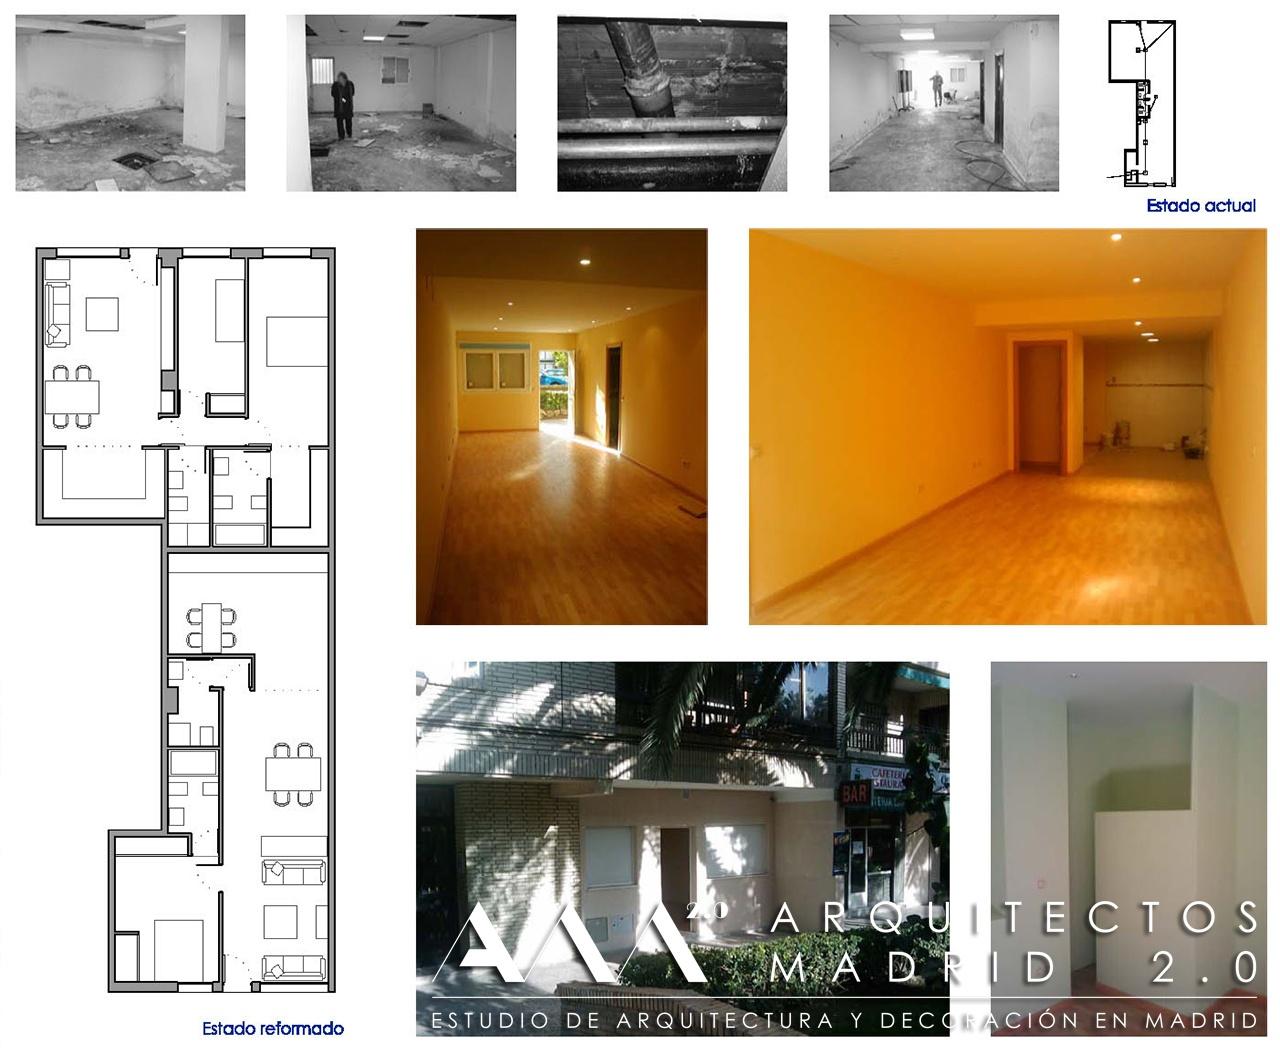 proyecto-transformar-convertir-local-en-vivienda-cambio-de-uso-arquitectos-madrid